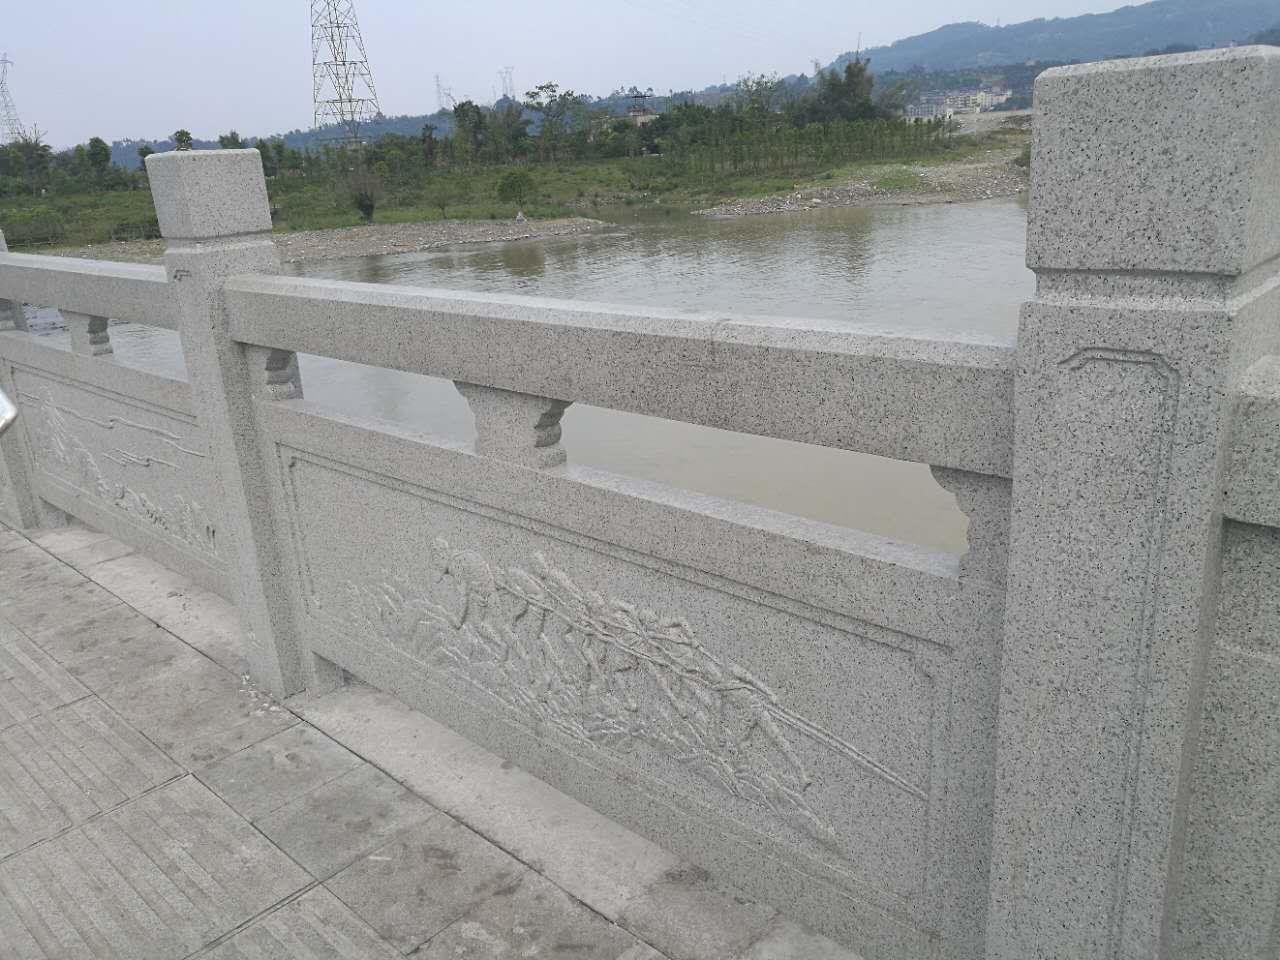 成都仿石欄桿的制作及應用